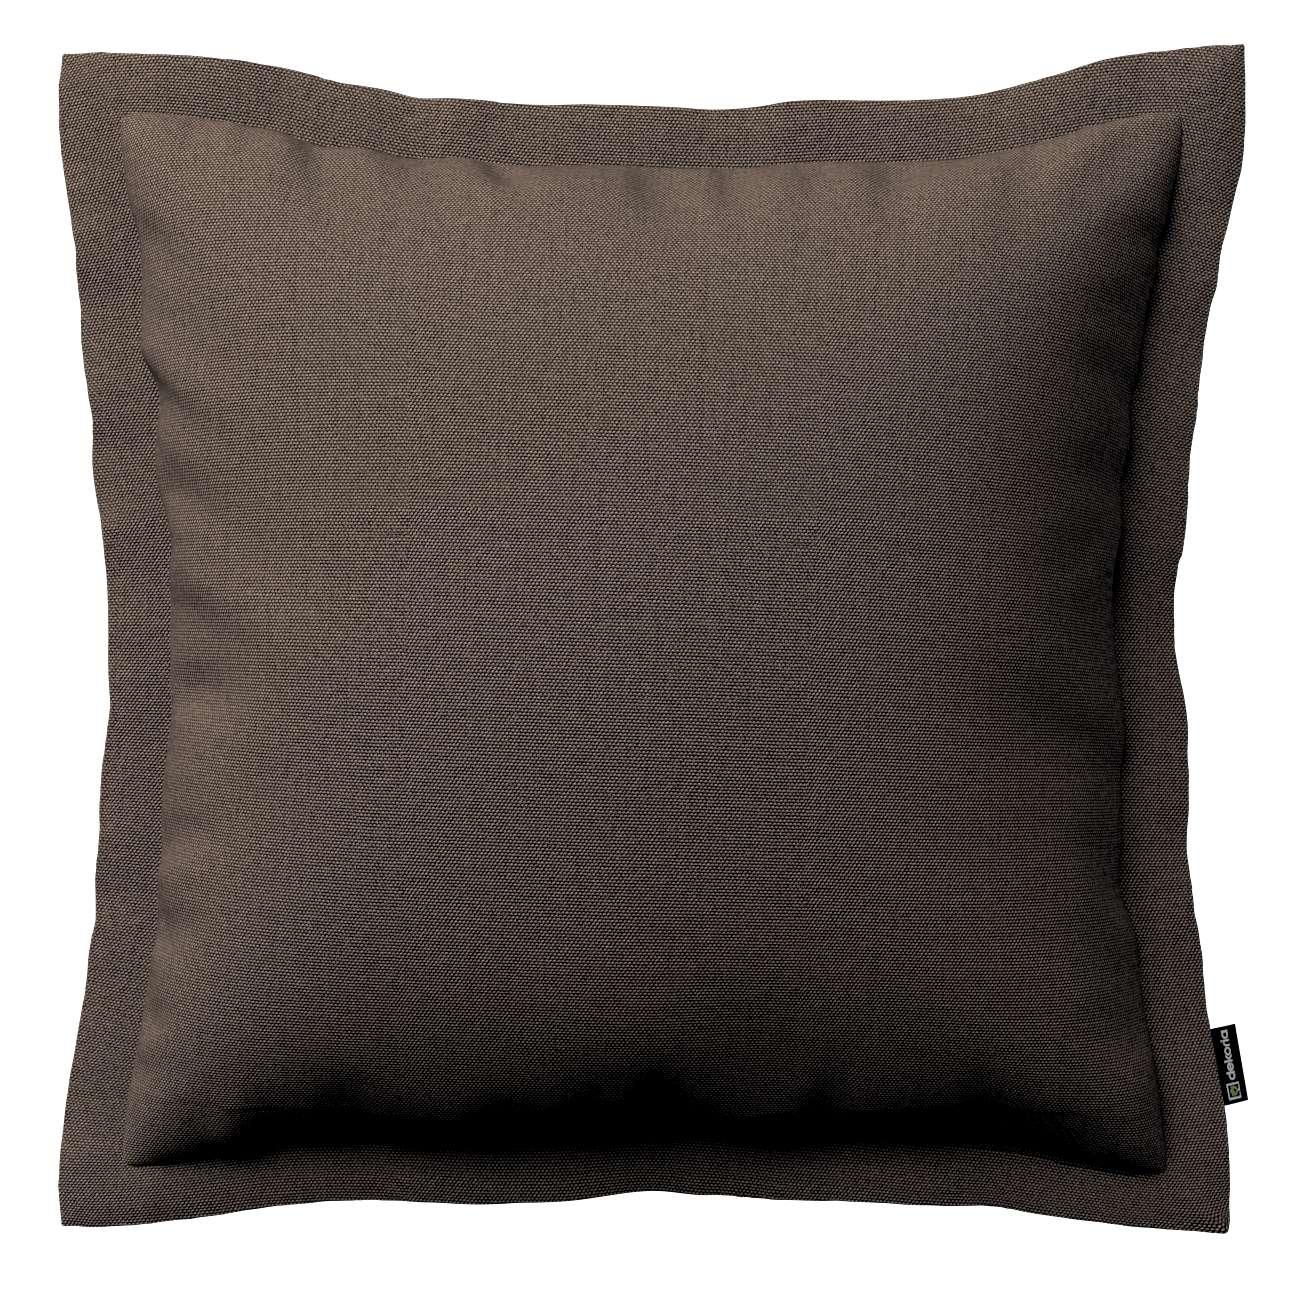 Poszewka Mona na poduszkę 38x38 cm w kolekcji Etna , tkanina: 705-08